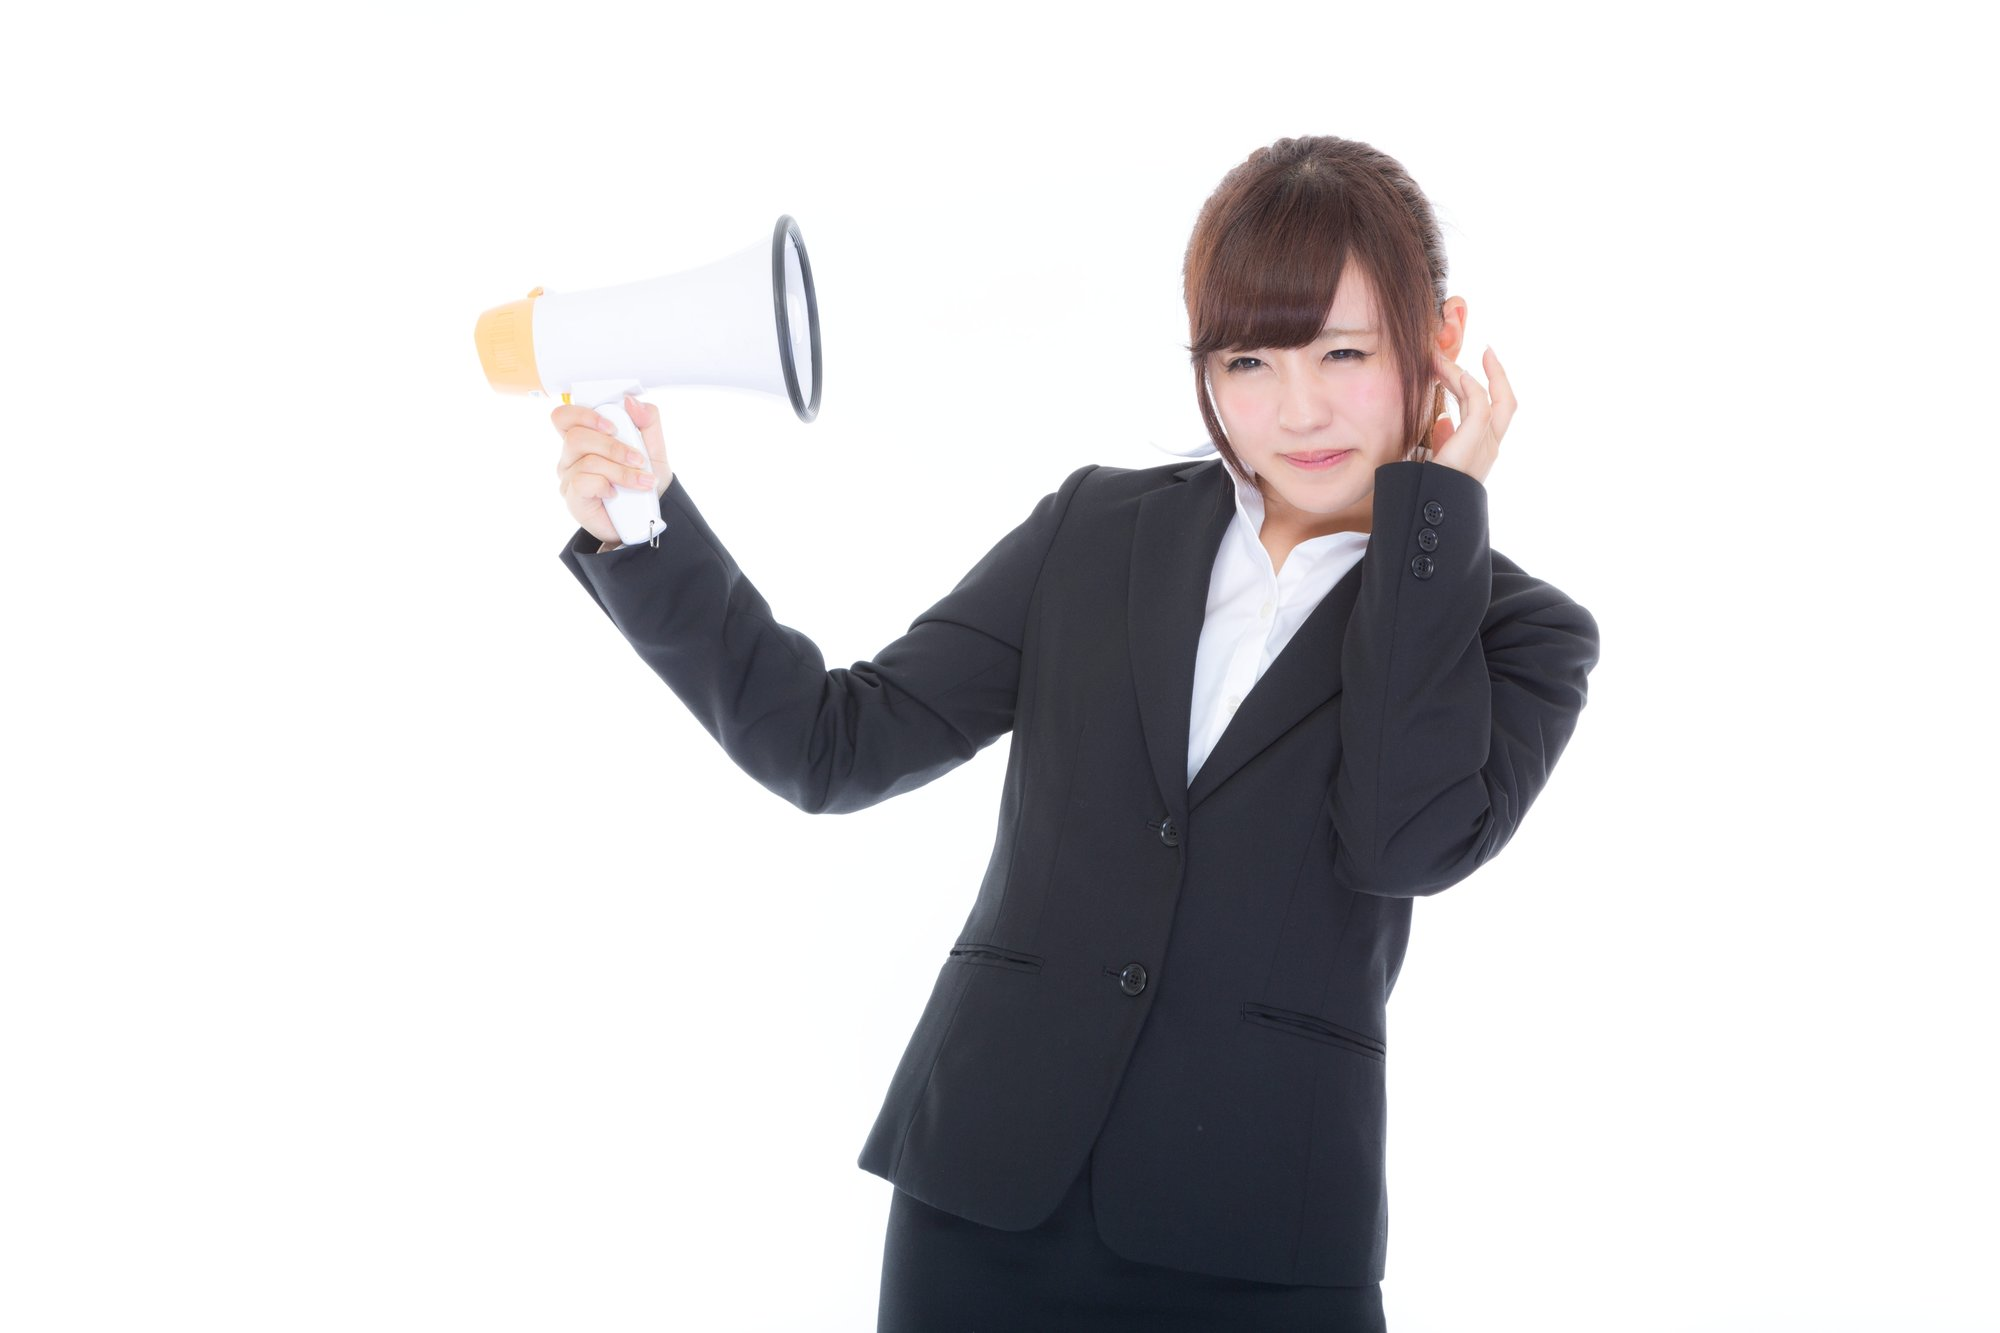 有言実行できる組織を作ってスタッフが成長できる環境を整える